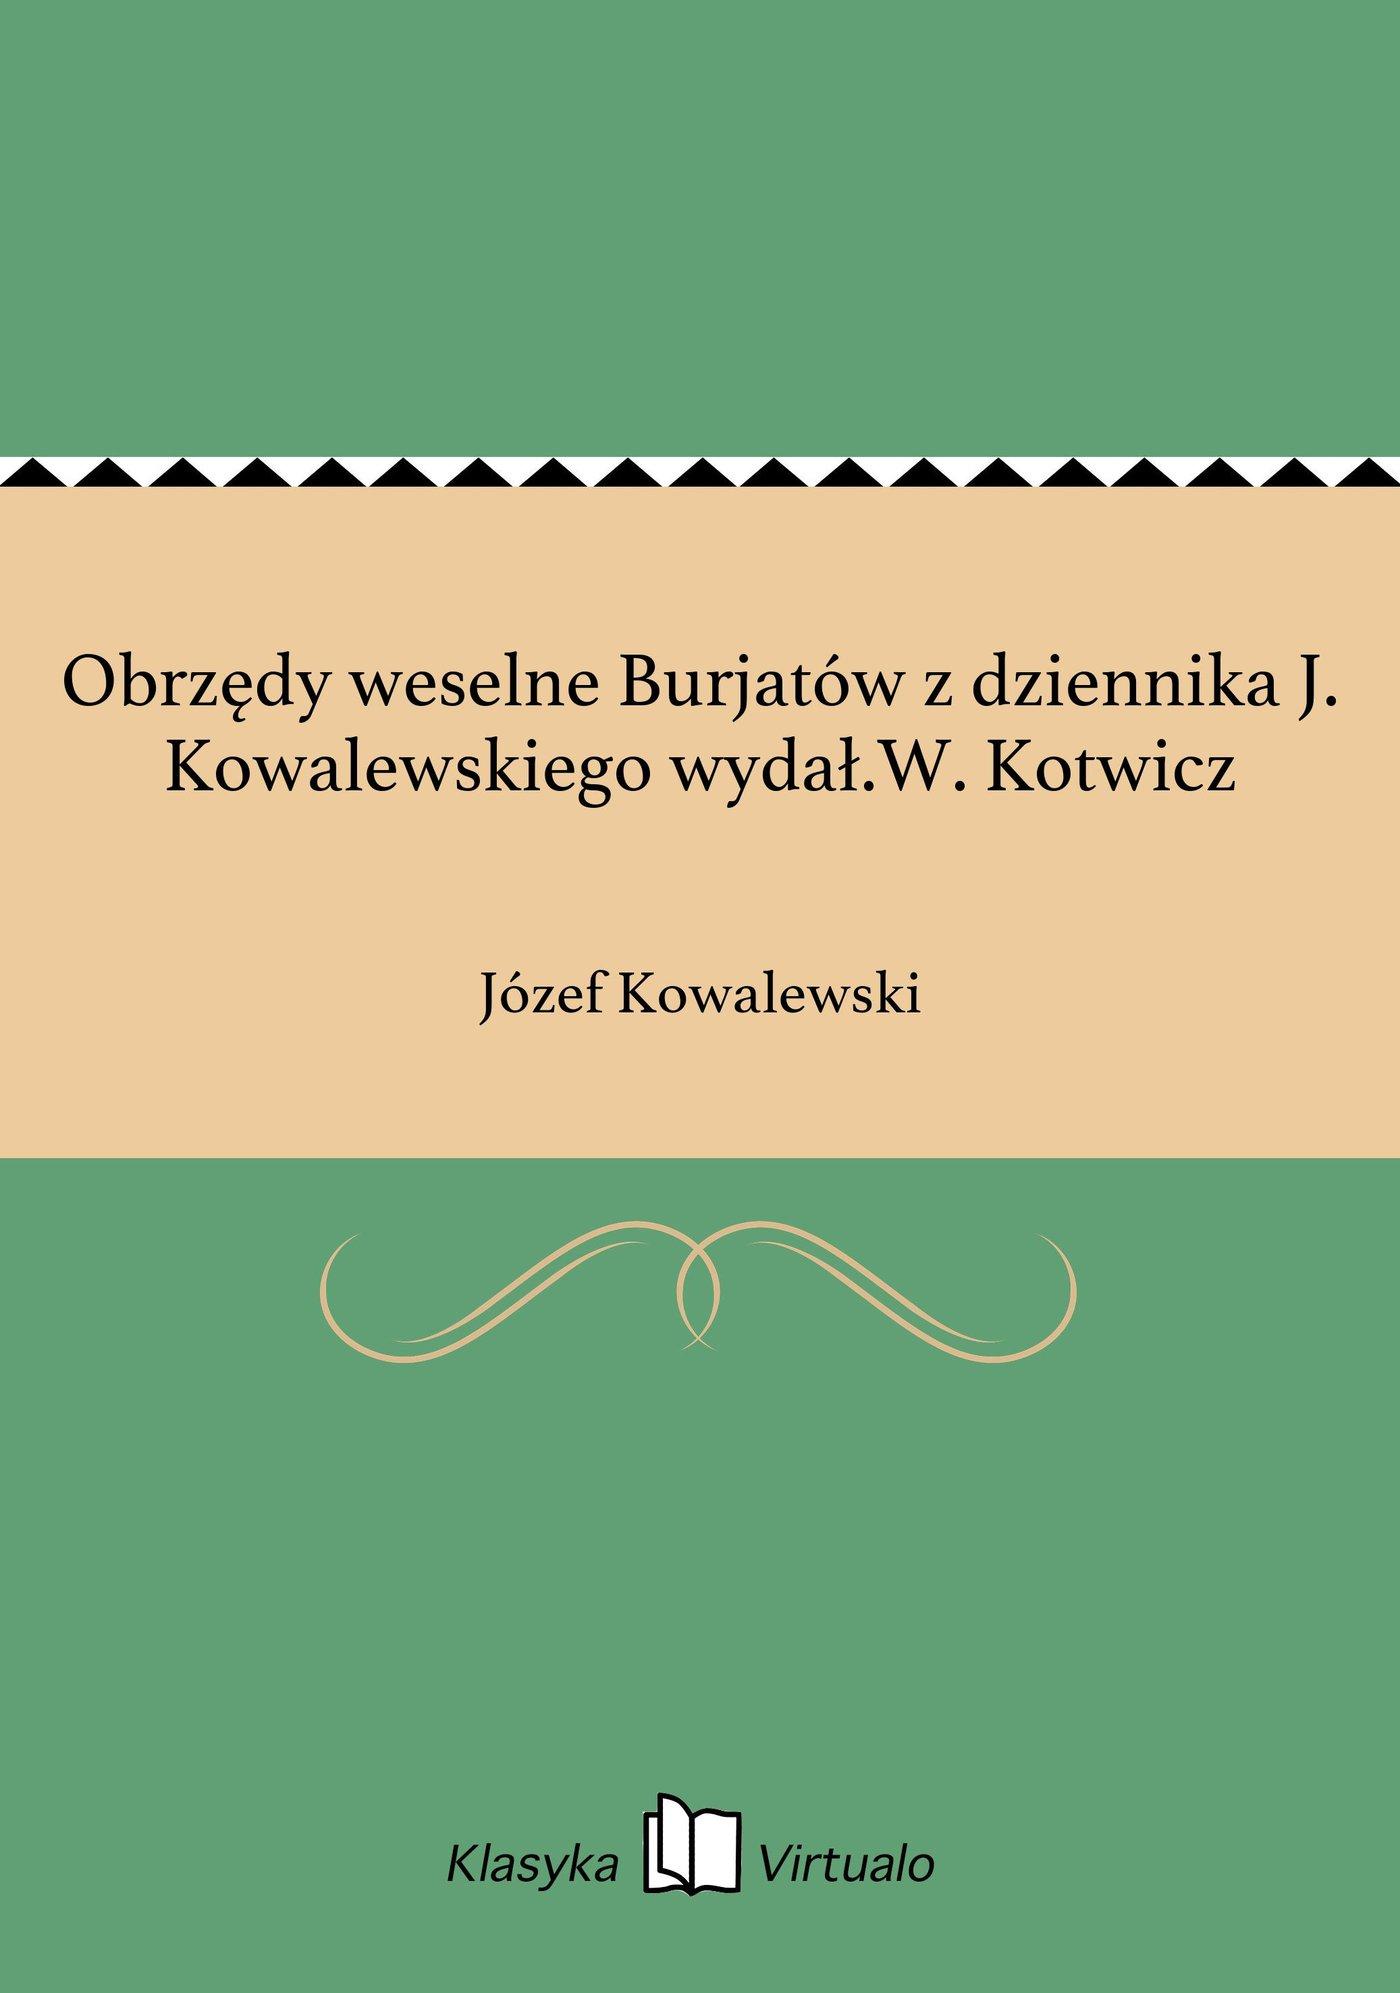 Obrzędy weselne Burjatów z dziennika J. Kowalewskiego wydał.W. Kotwicz - Ebook (Książka na Kindle) do pobrania w formacie MOBI